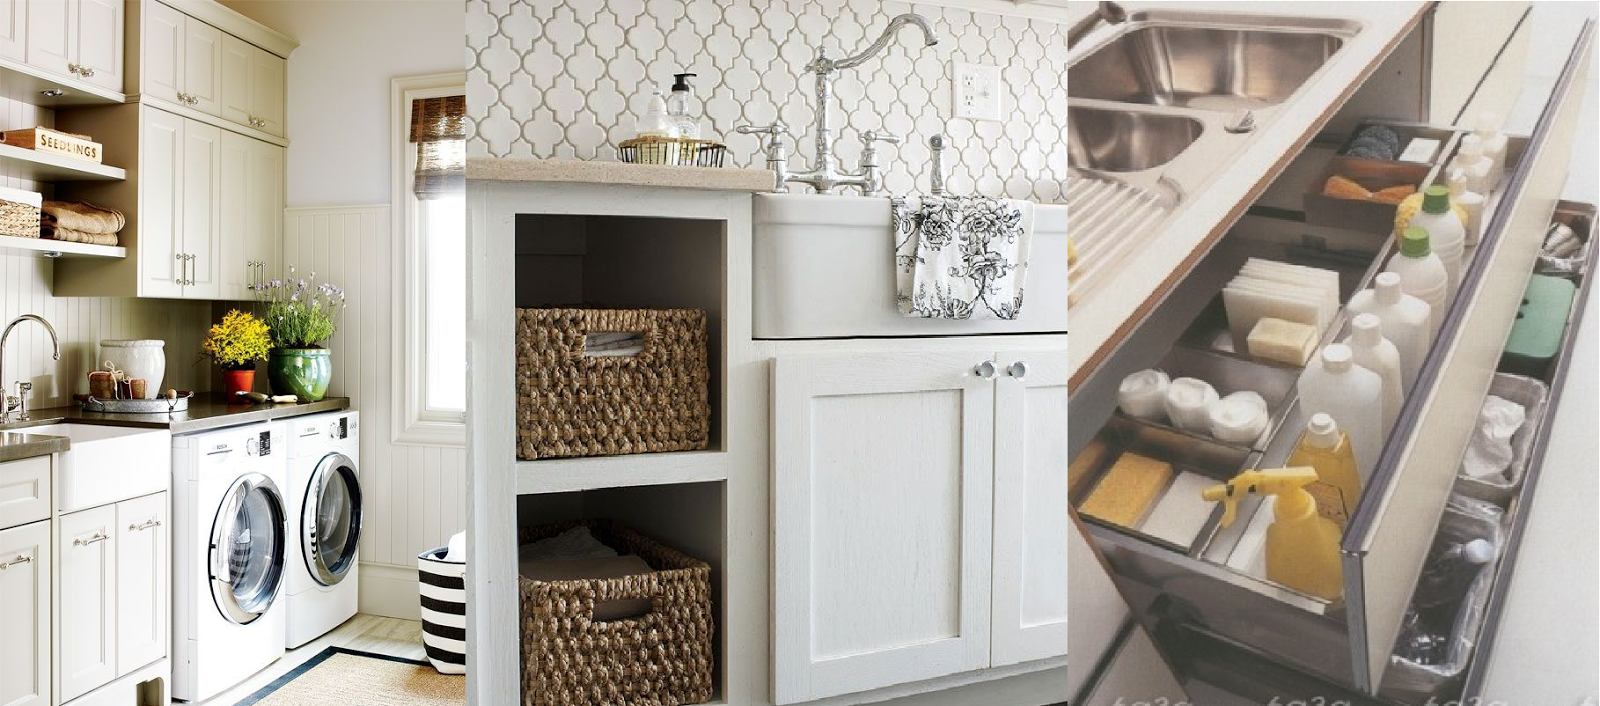 Cocina y lavander a en mismo espacio casas ideas for Cocina y lavanderia juntas